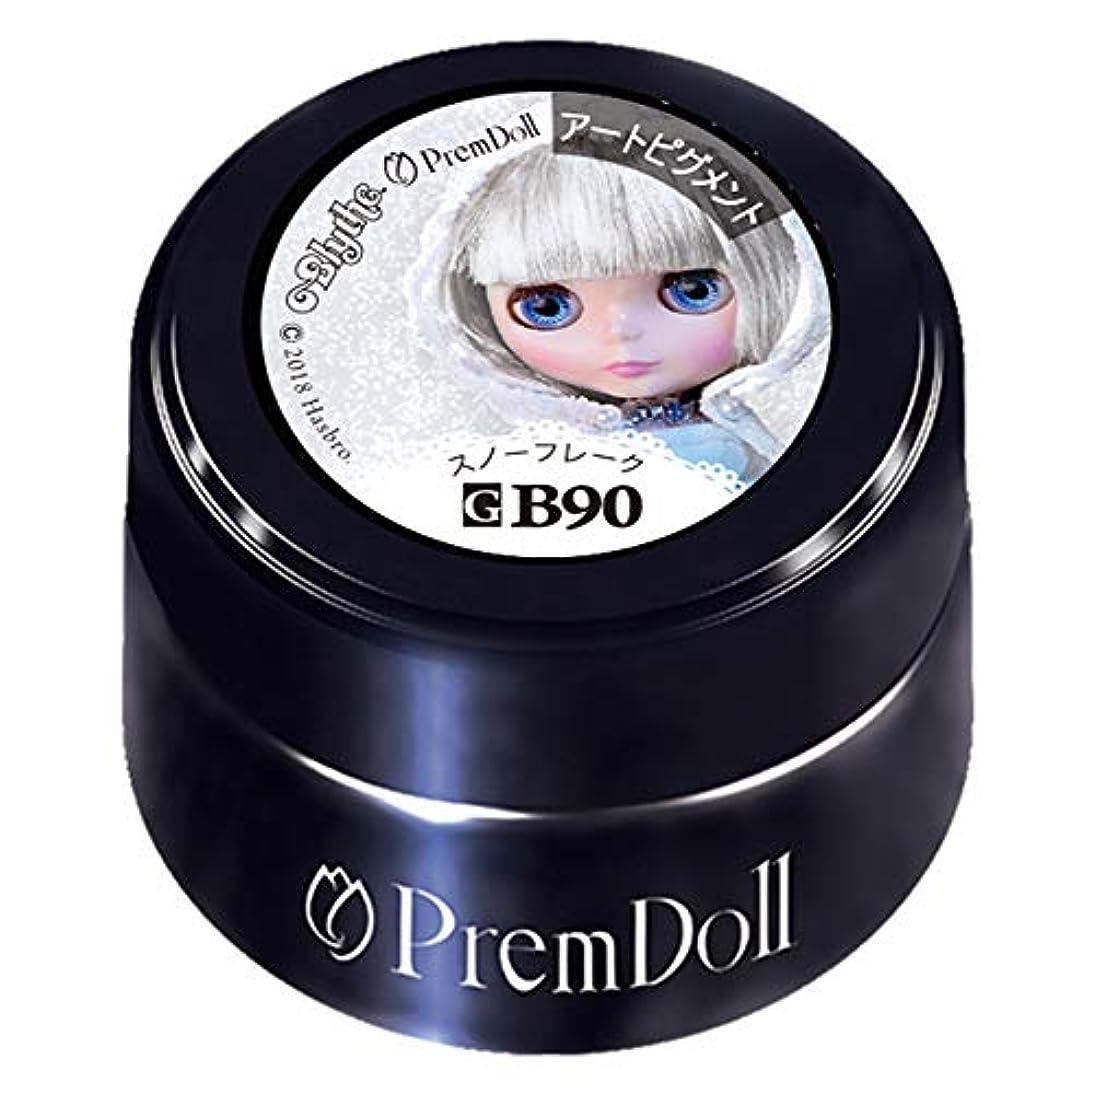 確認質素な適合PRE GEL プリムドール スノーフレーク90 DOLL-B90 3g カラージェル UV/LED対応